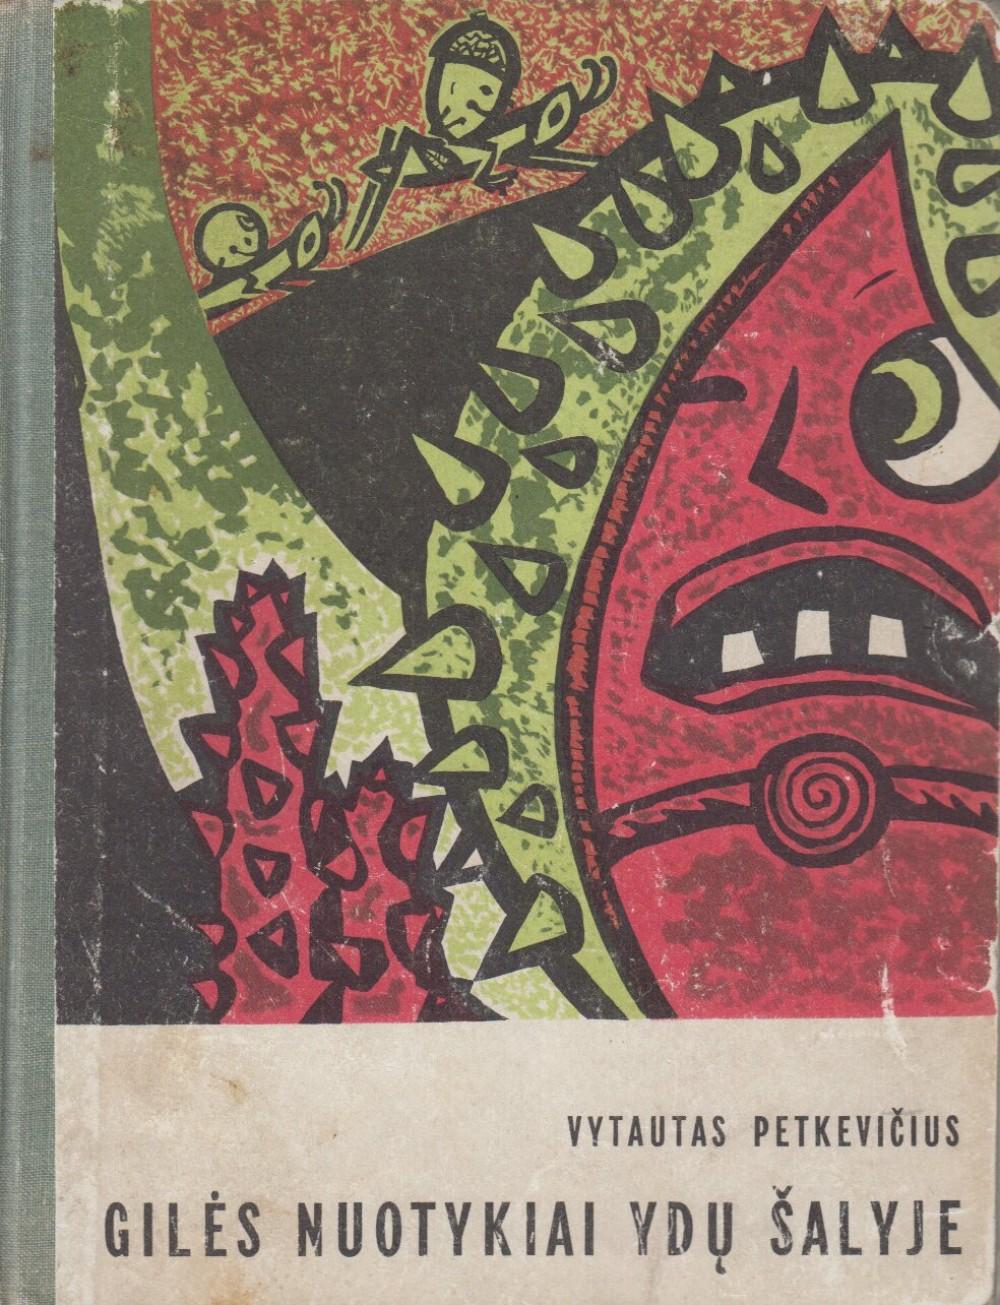 Gilės nuotykiai Ydų šalyje, V., 1968. Antras leidimas, iliustravo E. Žiauberis